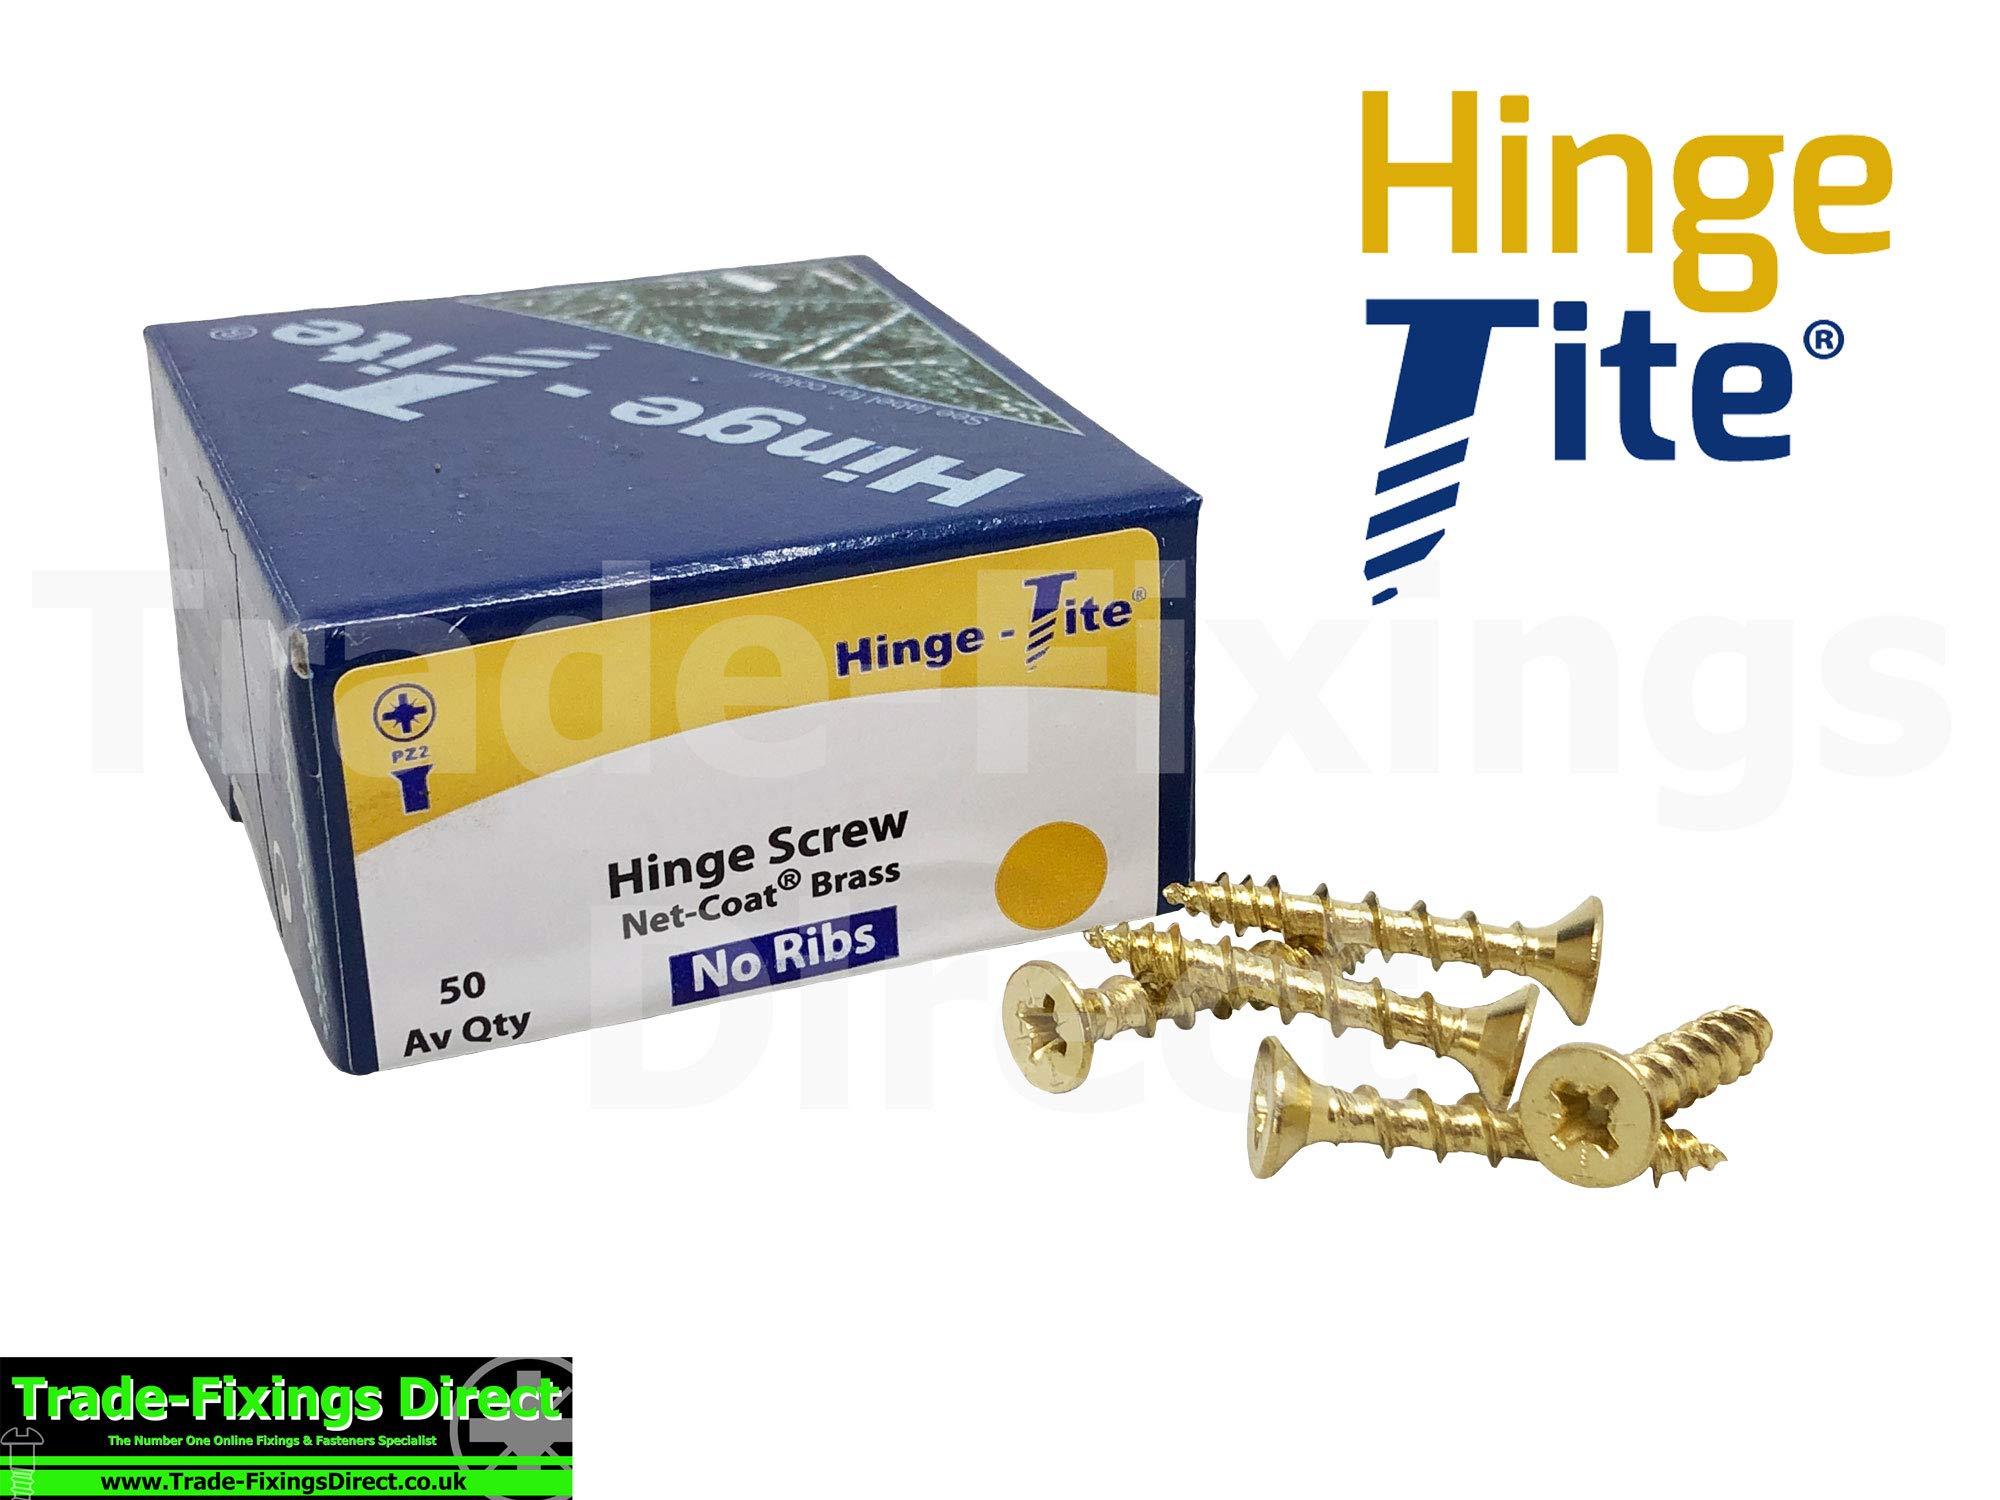 Caja de 50 tornillos de bisagra chapados en latón de 4,5 x 40 mm genuino con bisagra de latón avellanado TFHTB4540: Amazon.es: Bricolaje y herramientas